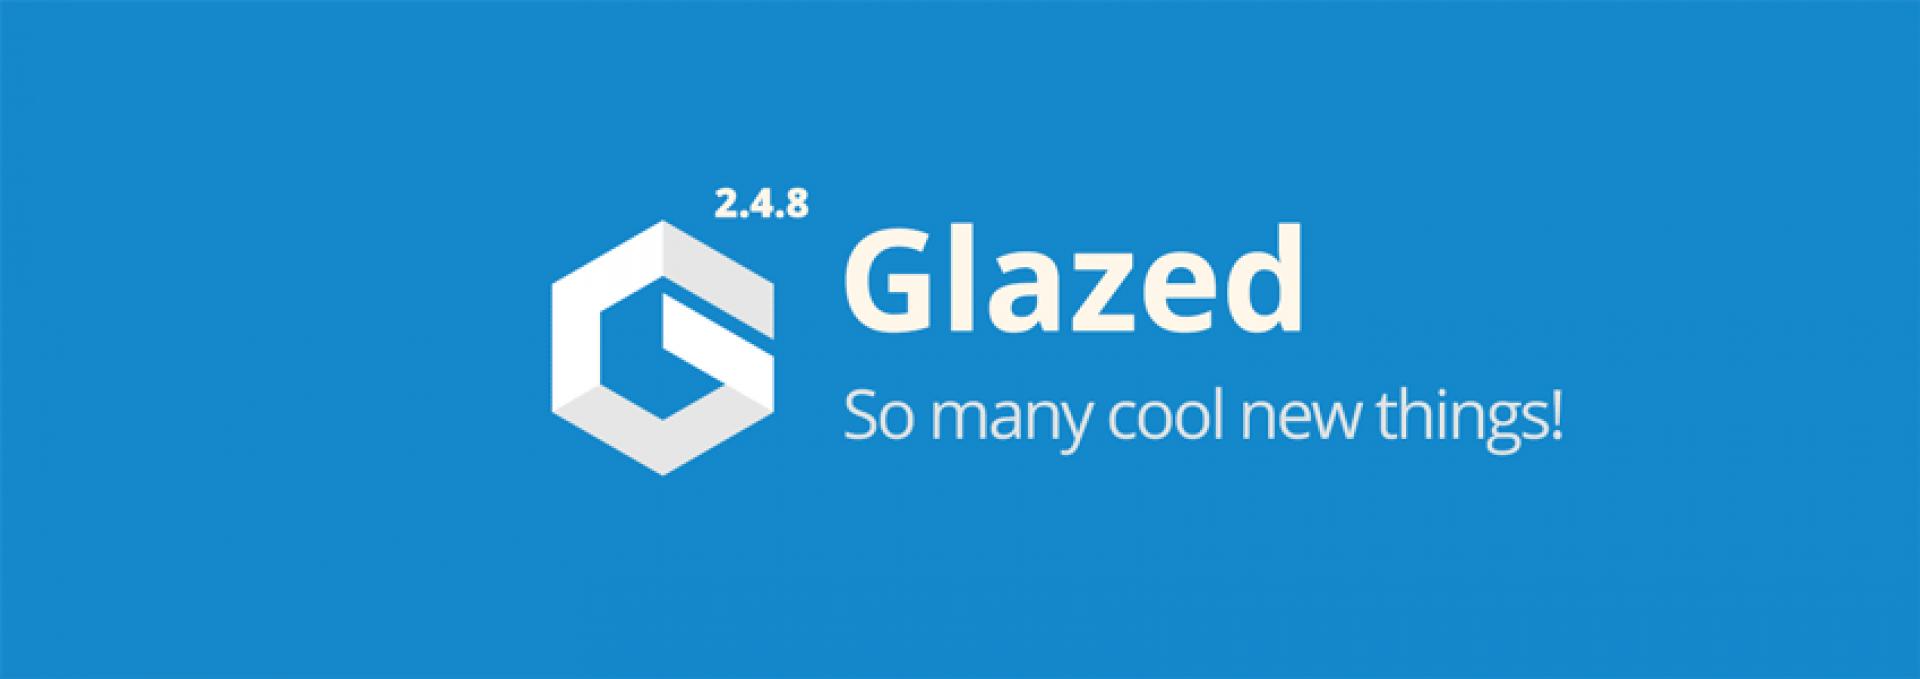 Glazed Drupal CMS 1 0 and Glazed Premium 2 4 8 Arrived: Cool